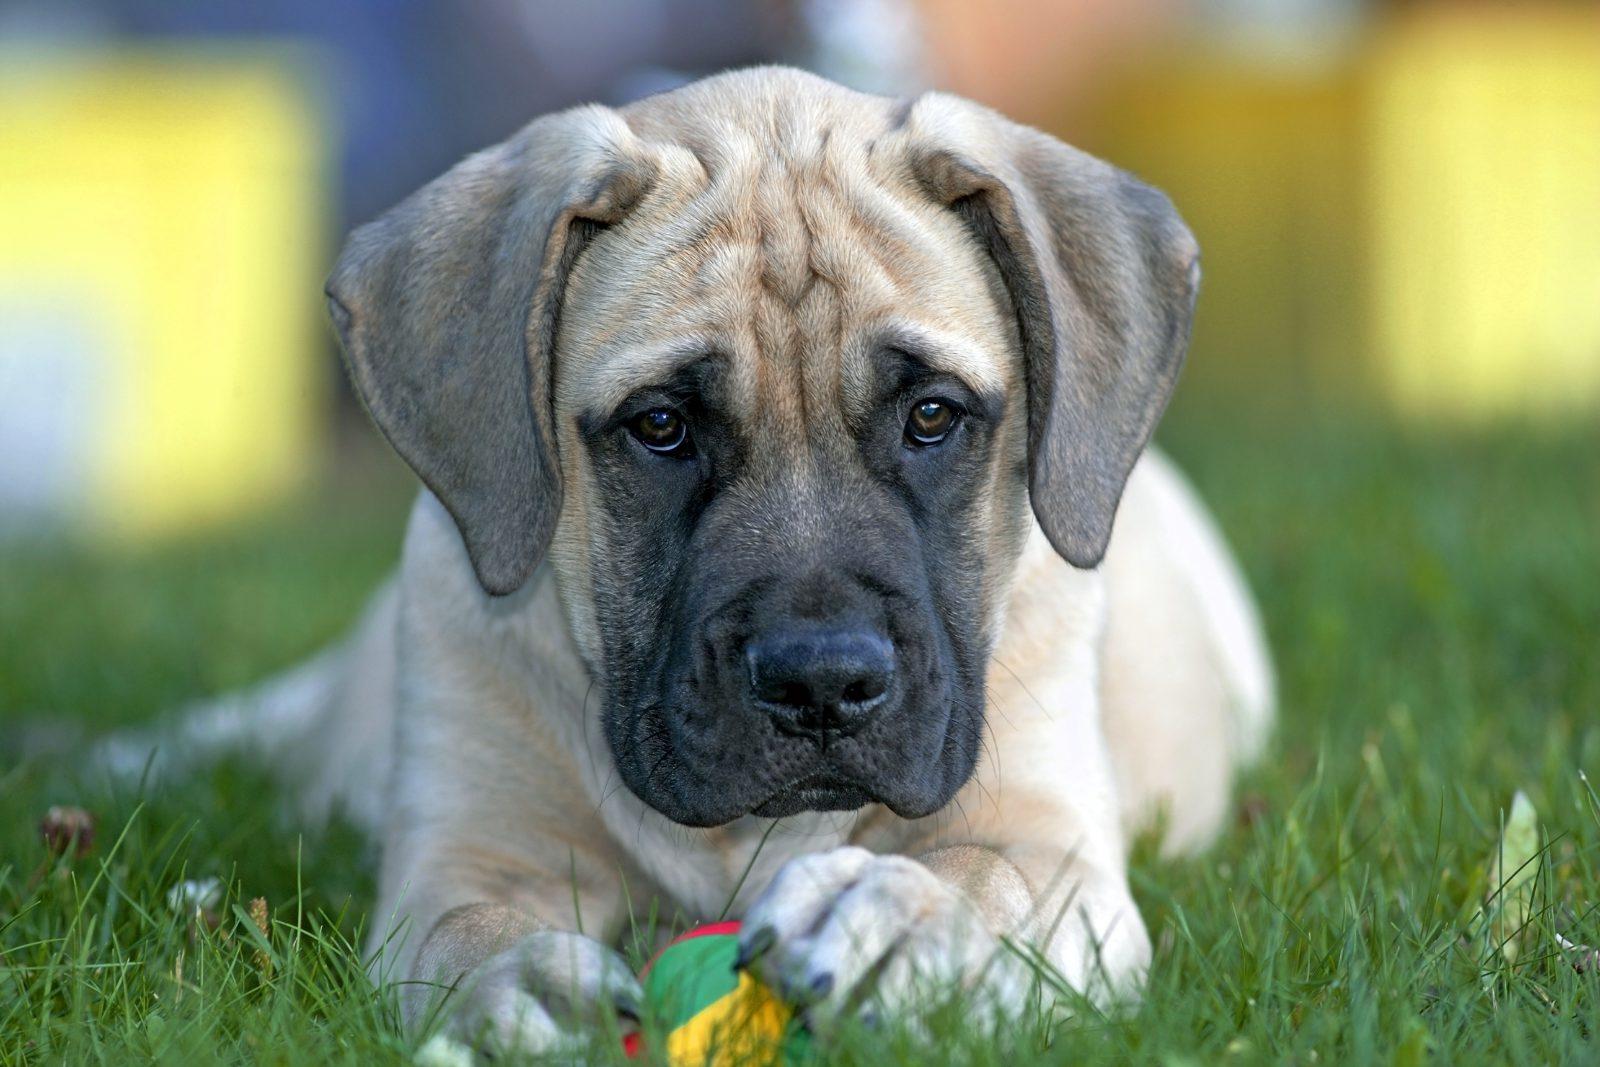 Filhote brincando com um dos seus tipos de brinquedos para cachorros favoritos na grama do quintal.